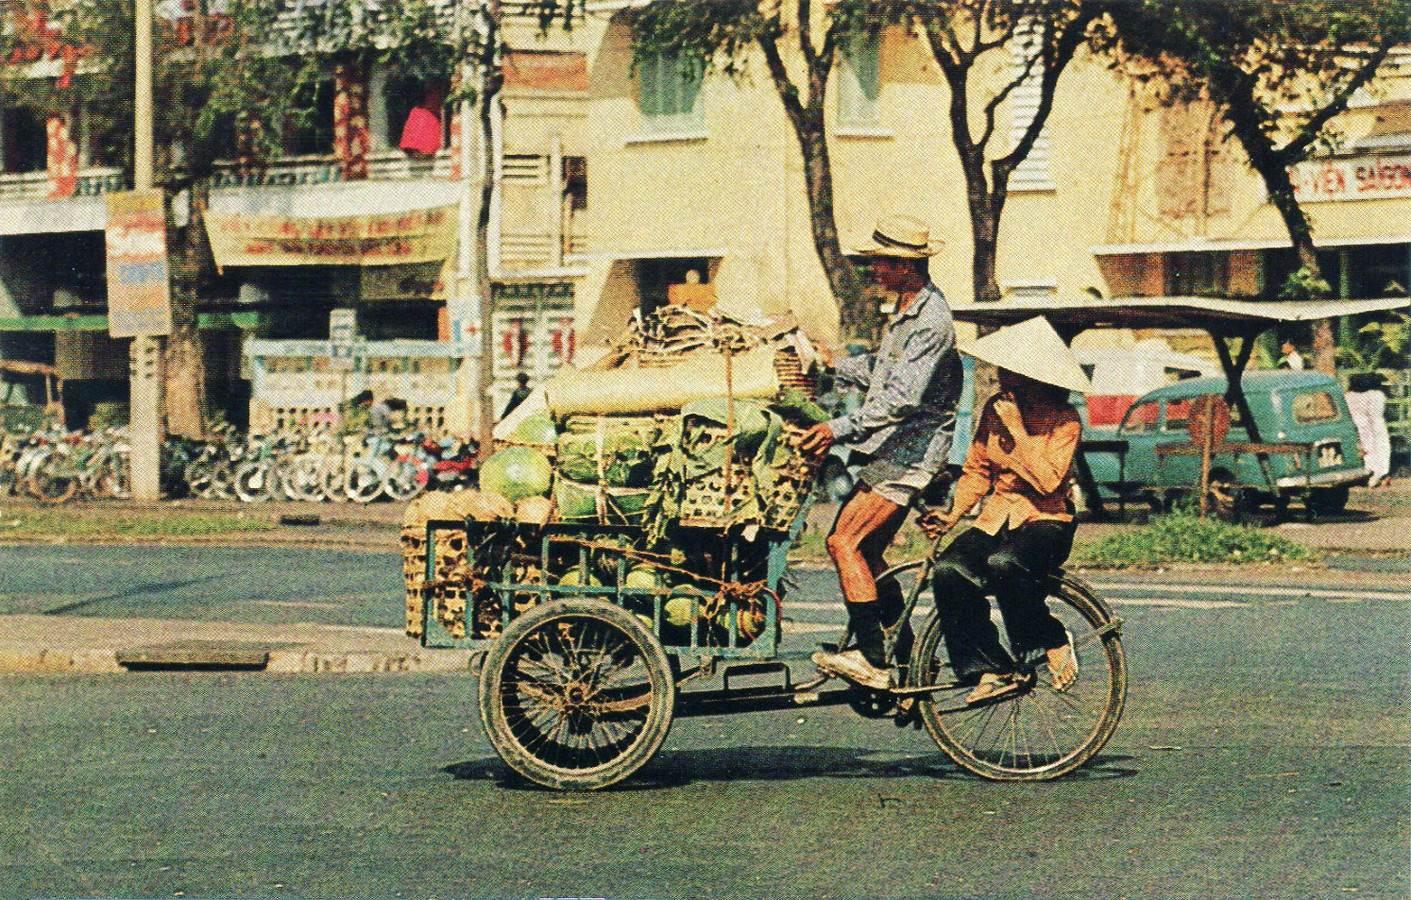 Cặp vợ chồng chở nhau Trên đường Lê Lợi gần chợ BT, bên kia đường là Bịnh viện Saigon.